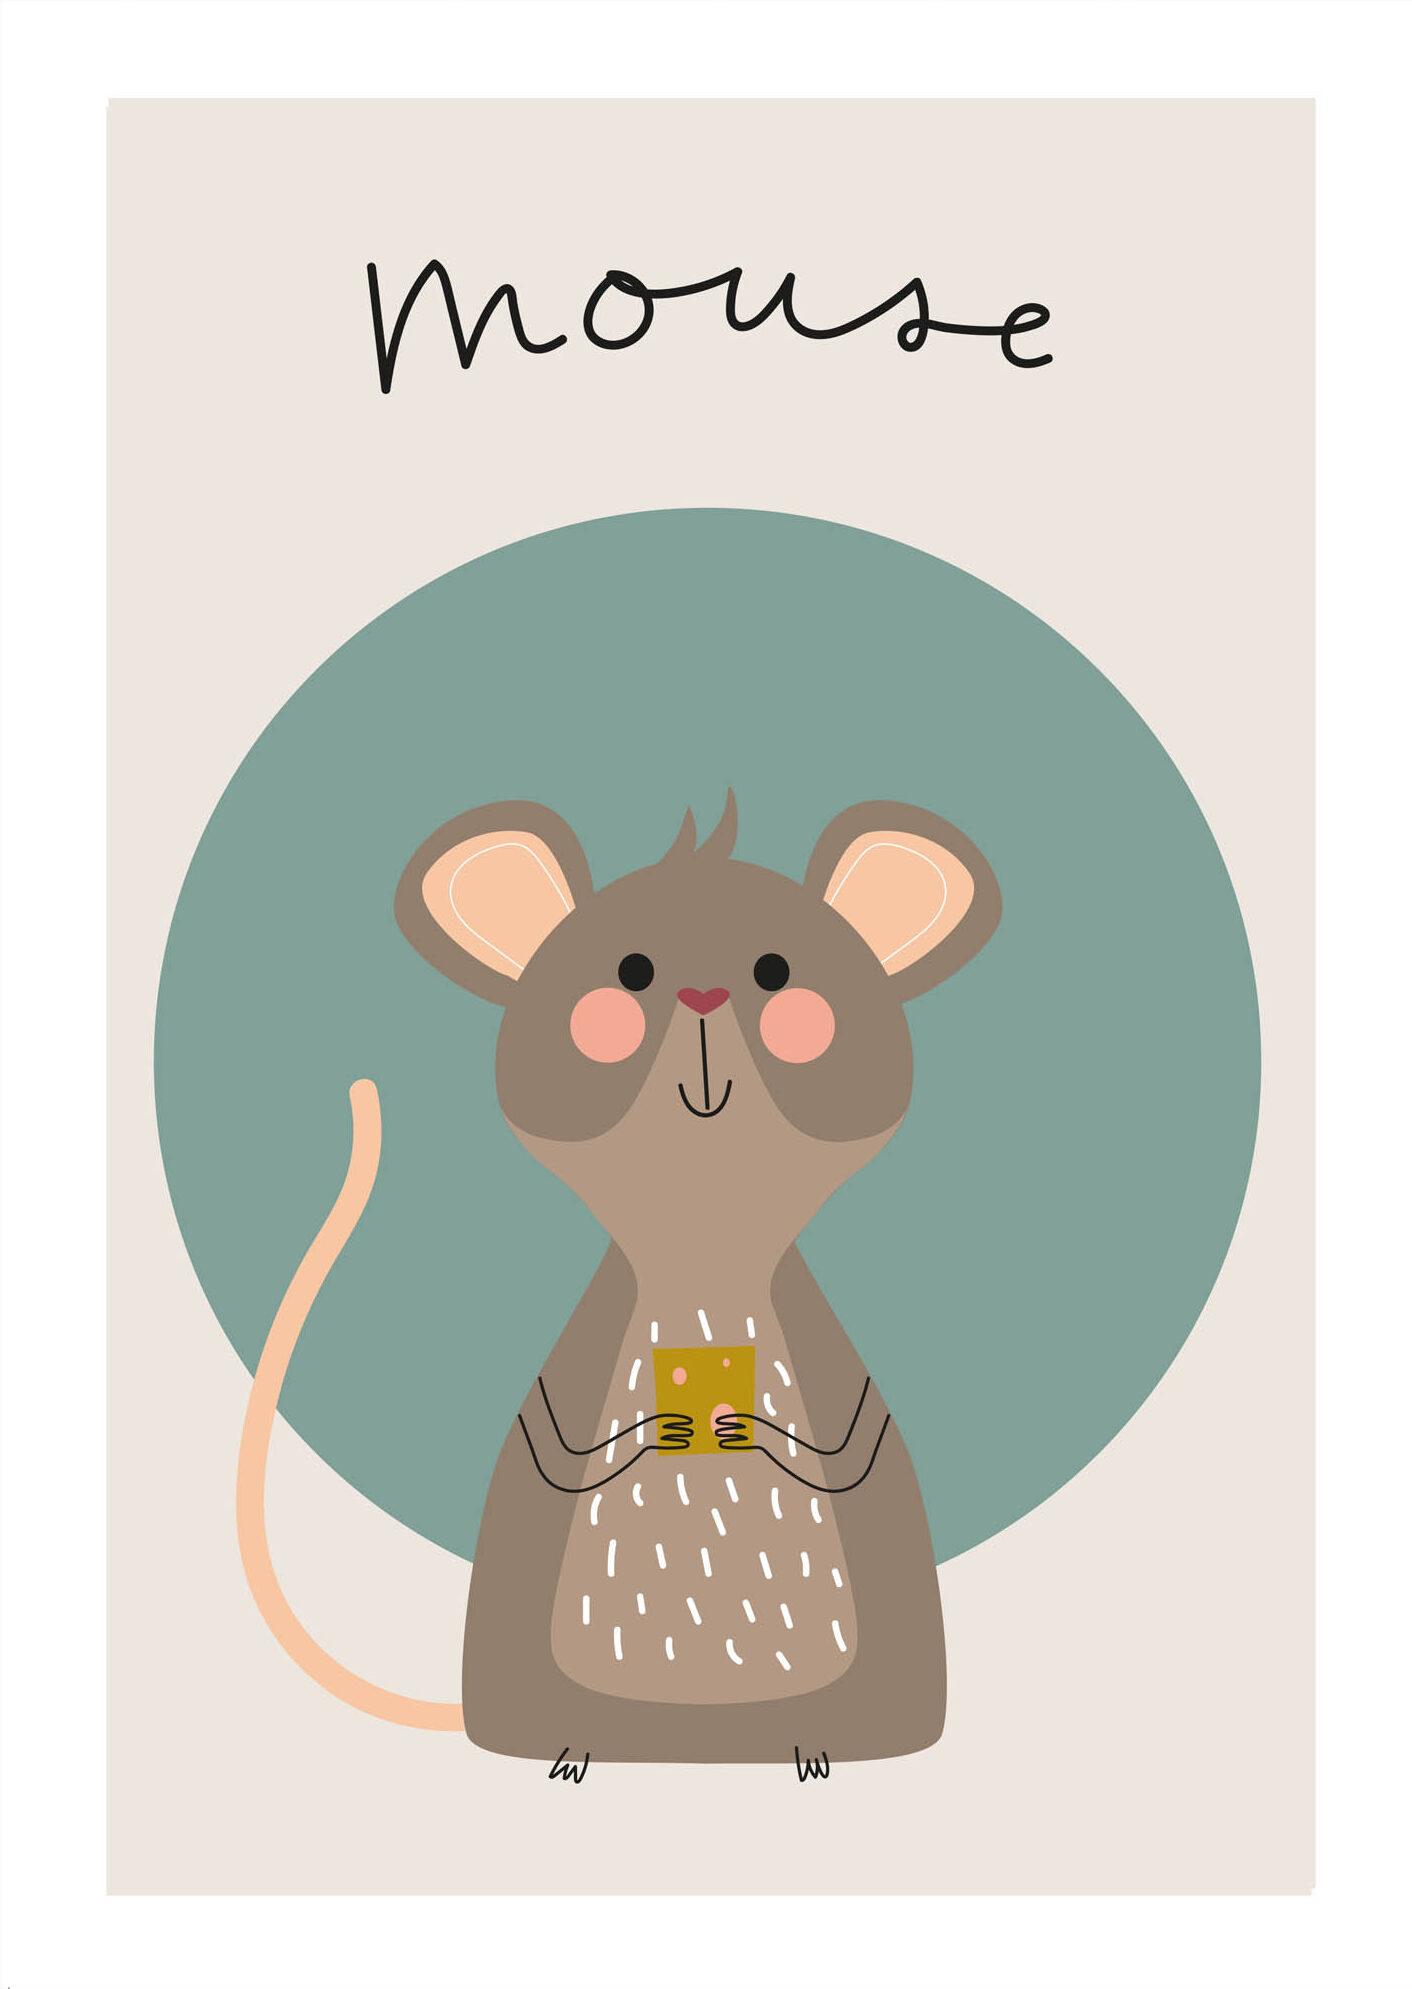 Muis - Jetske Kox Illustraties - Vrolijke posters, prints en ansichtkaarten